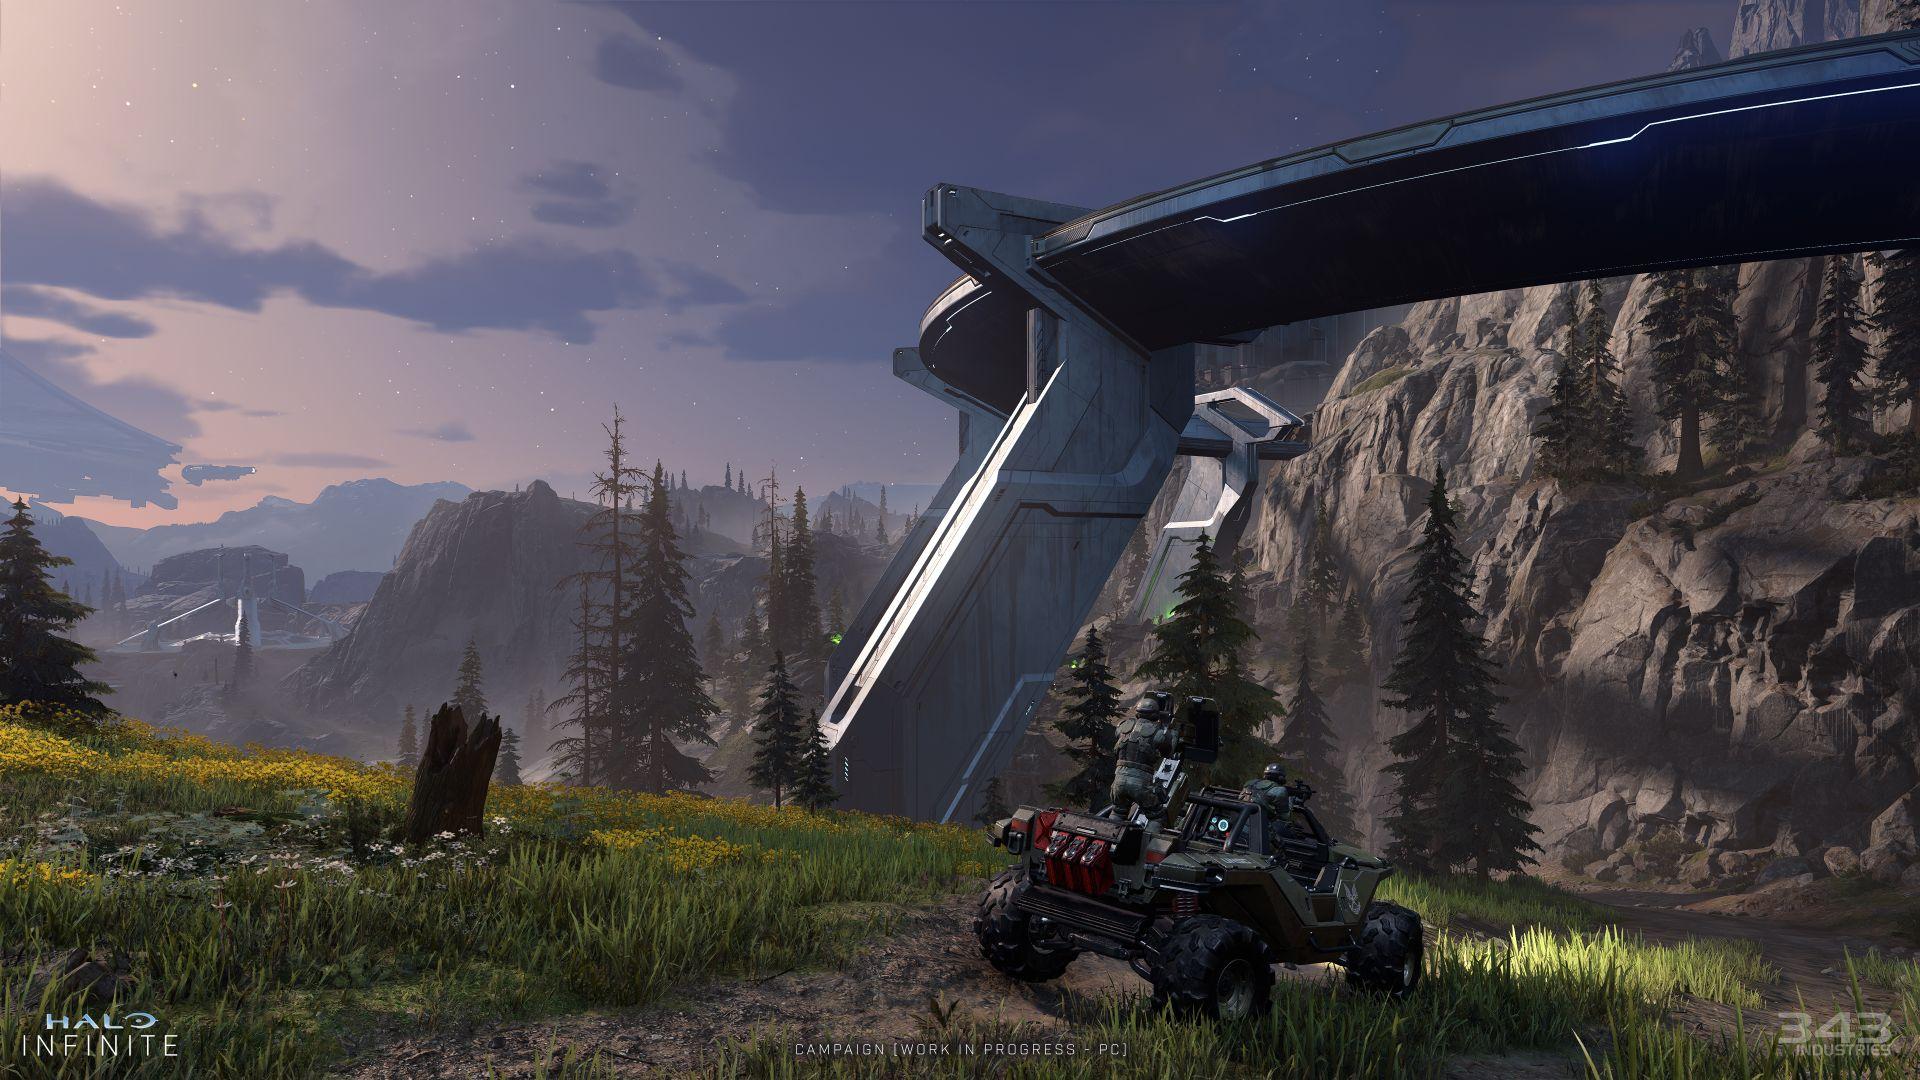 Halo Infinite campaign_04